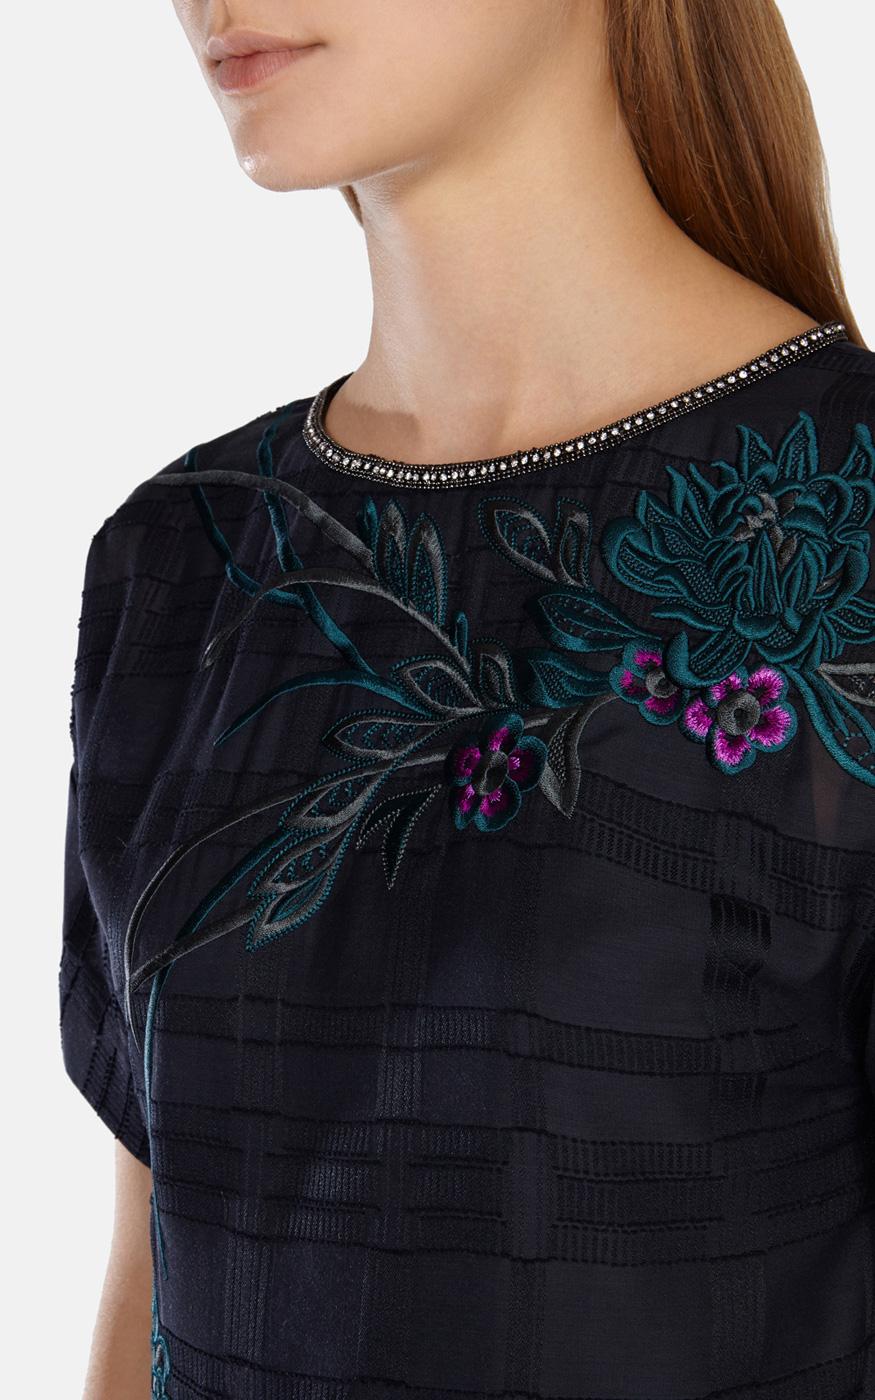 Lyst karen millen oriental embroidery t shirt dress in blue for Dress shirt monogram placement